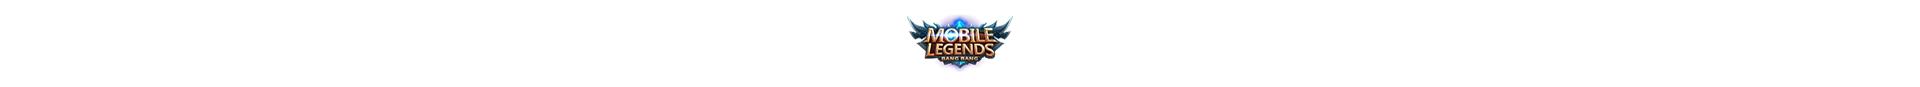 VNG: Từ những bước đi eSports sơ khởi đến 'bom tấn' Mobile Legends: Bang Bang - Ảnh 10.